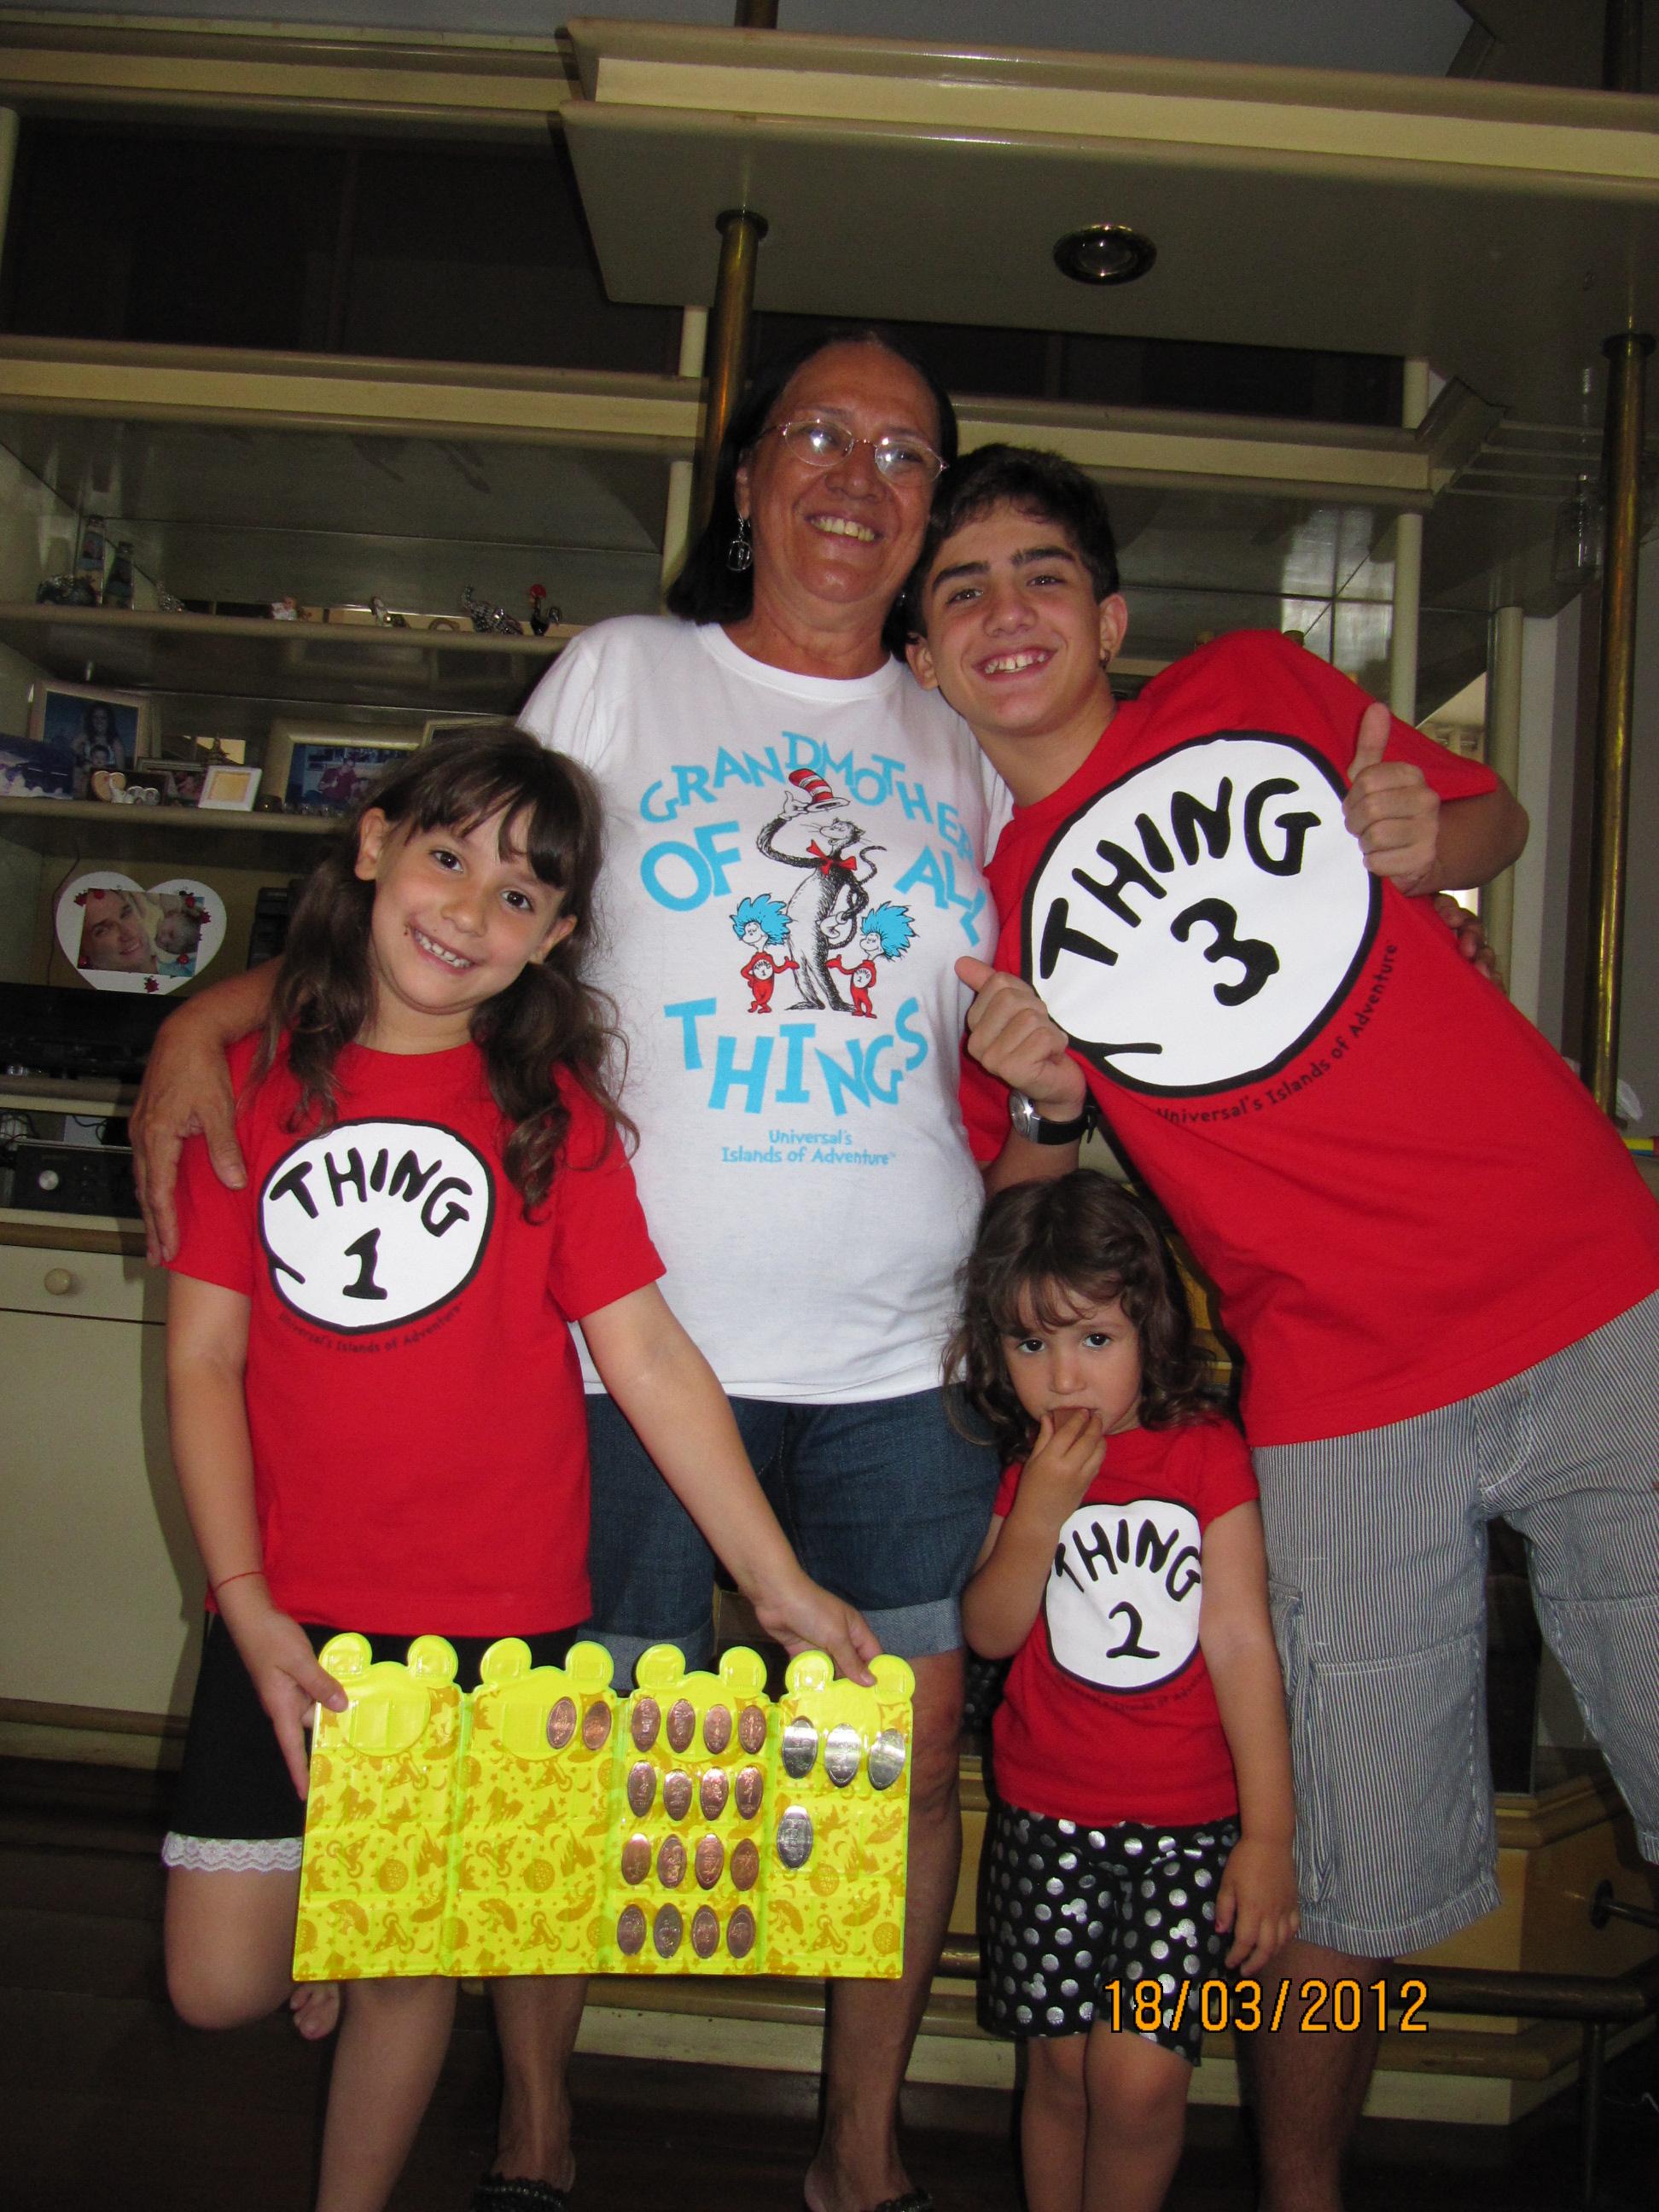 Avó de todas as coisas, junto com as Coisas 1, 2 e 3